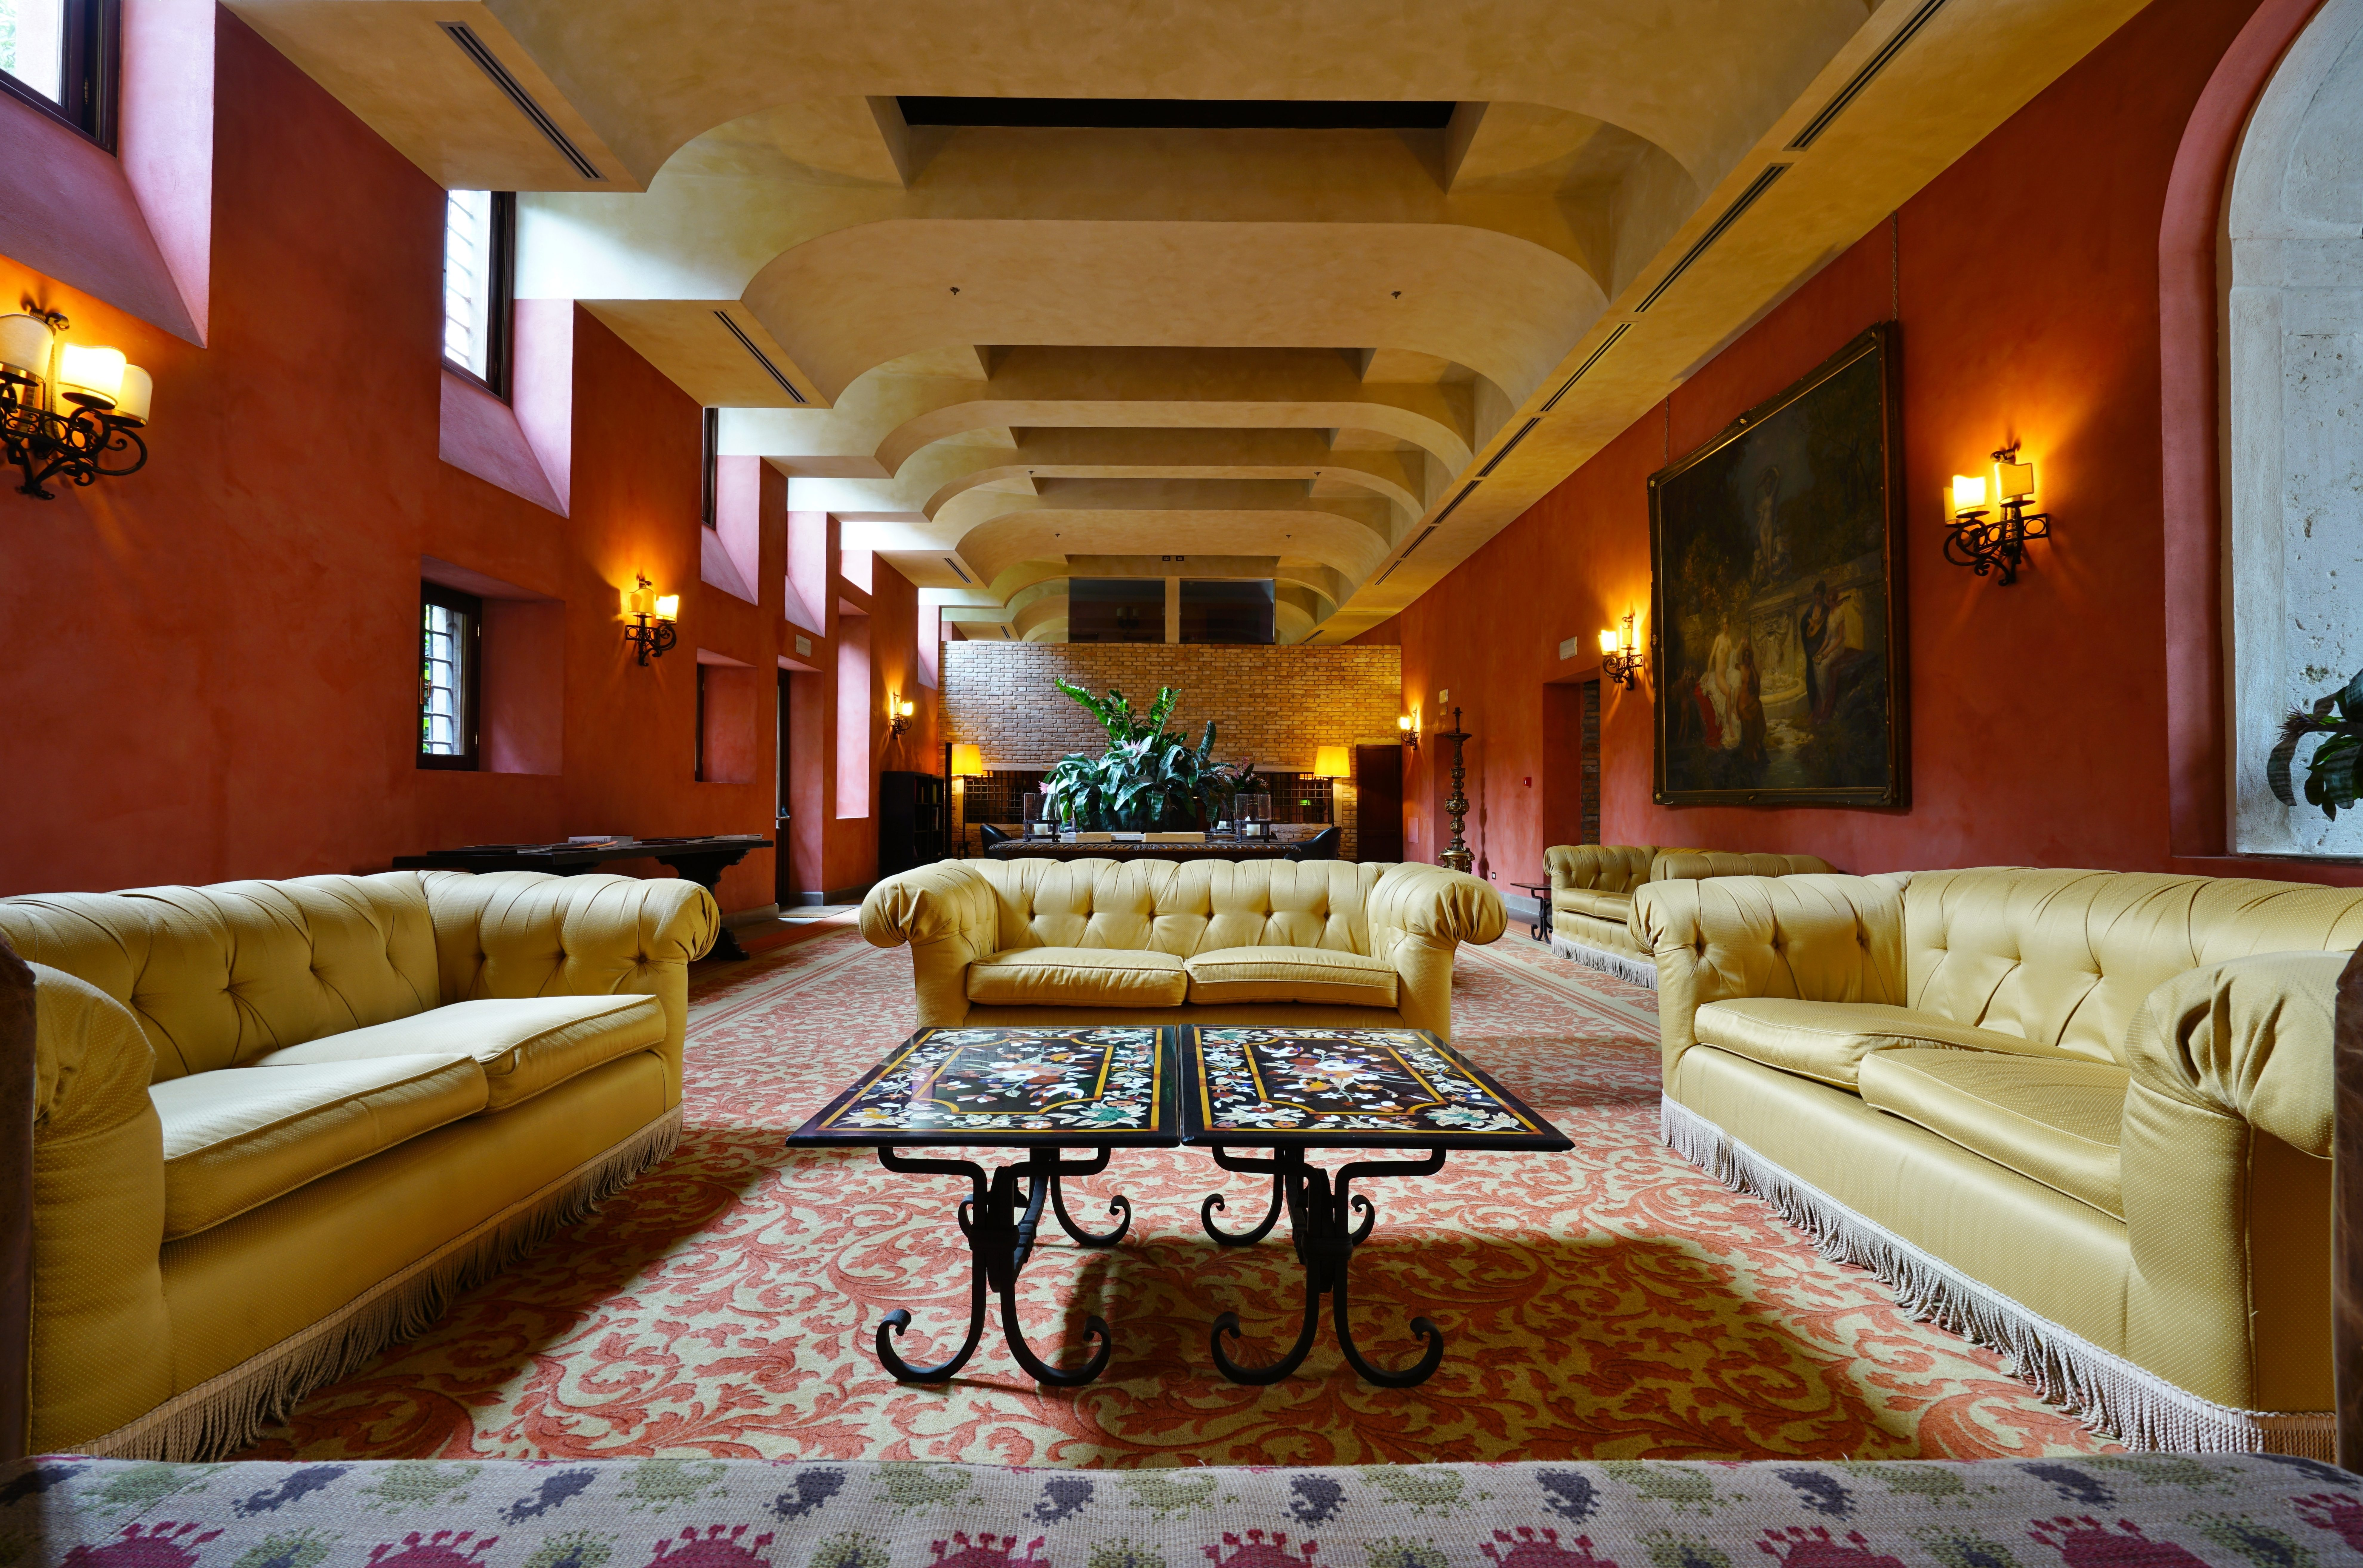 Forbes premia 100 eccellenze italiane: hotel, prodotti, ristoranti, vini (e le mancanze)